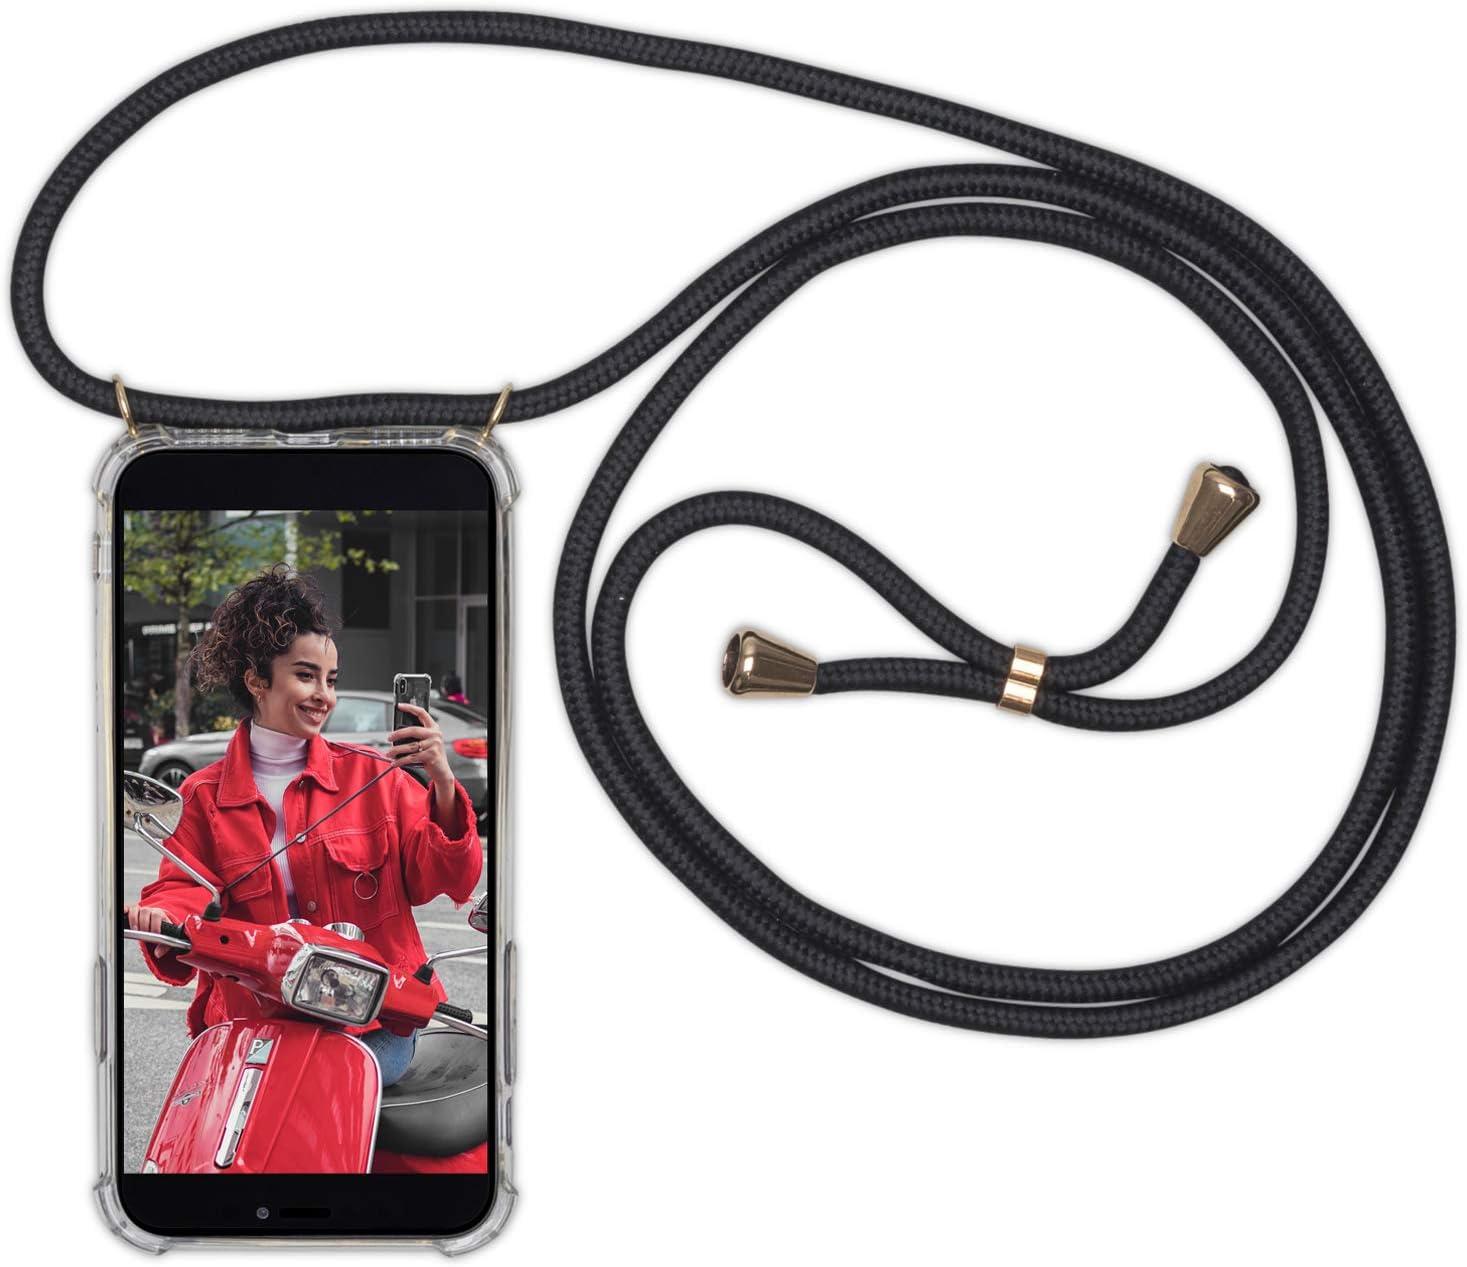 Expatri/é Collier Pochette T/él/éphone Compatible iPhone XR Jaune Lola Coque Smartphone Tour de Cou Lani/ère en Corde Case Necklace Bandouili/ère Styl/ée Housse Silicone Transparente